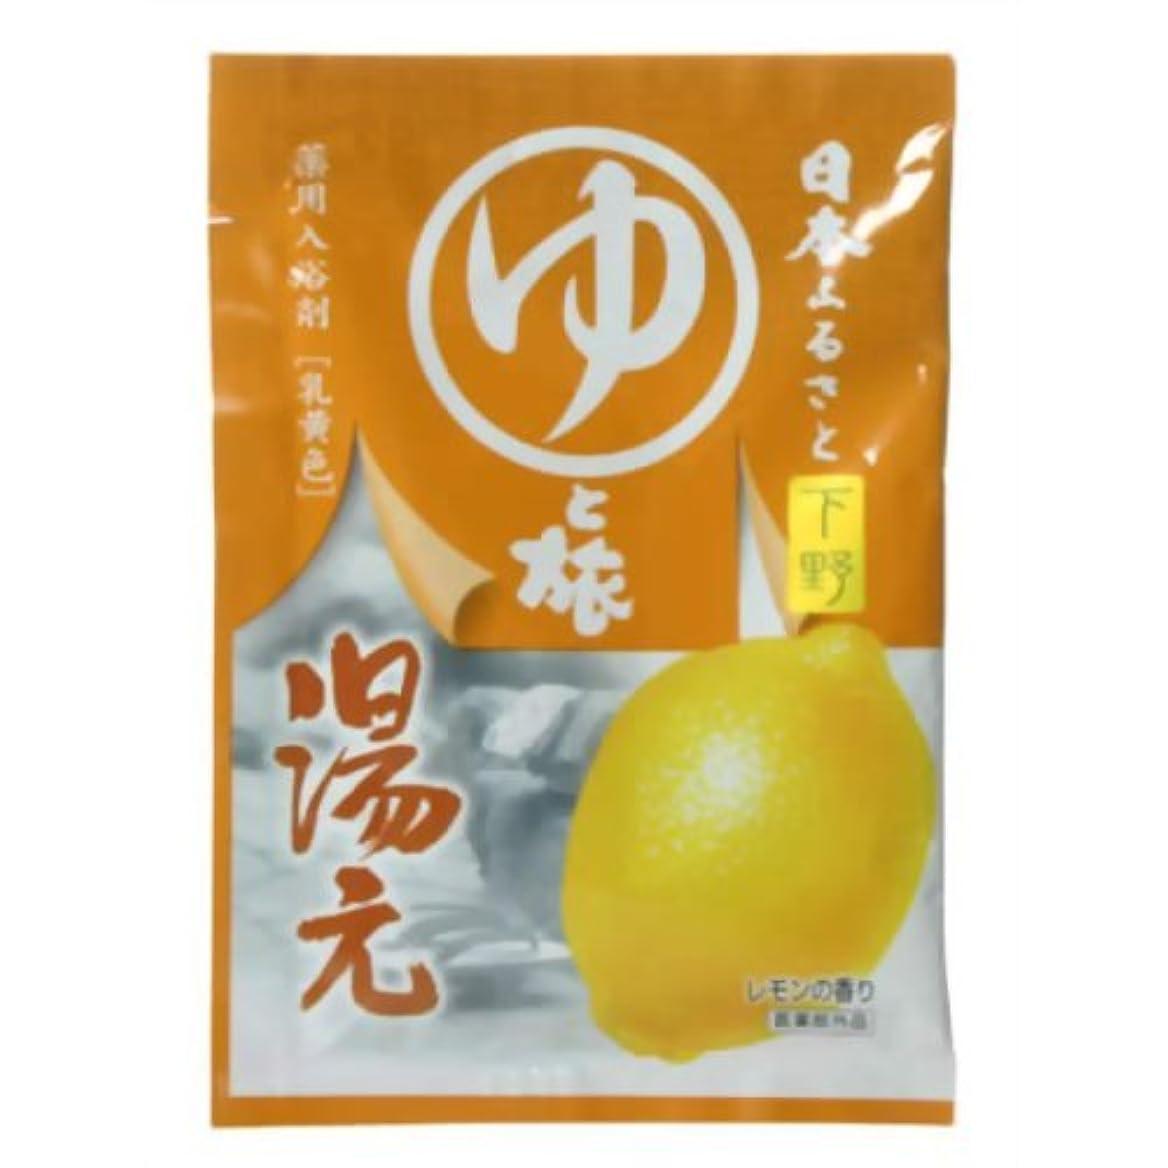 戦術白菜固執ヤマサキの入浴剤シリーズ 湯元(入浴剤)